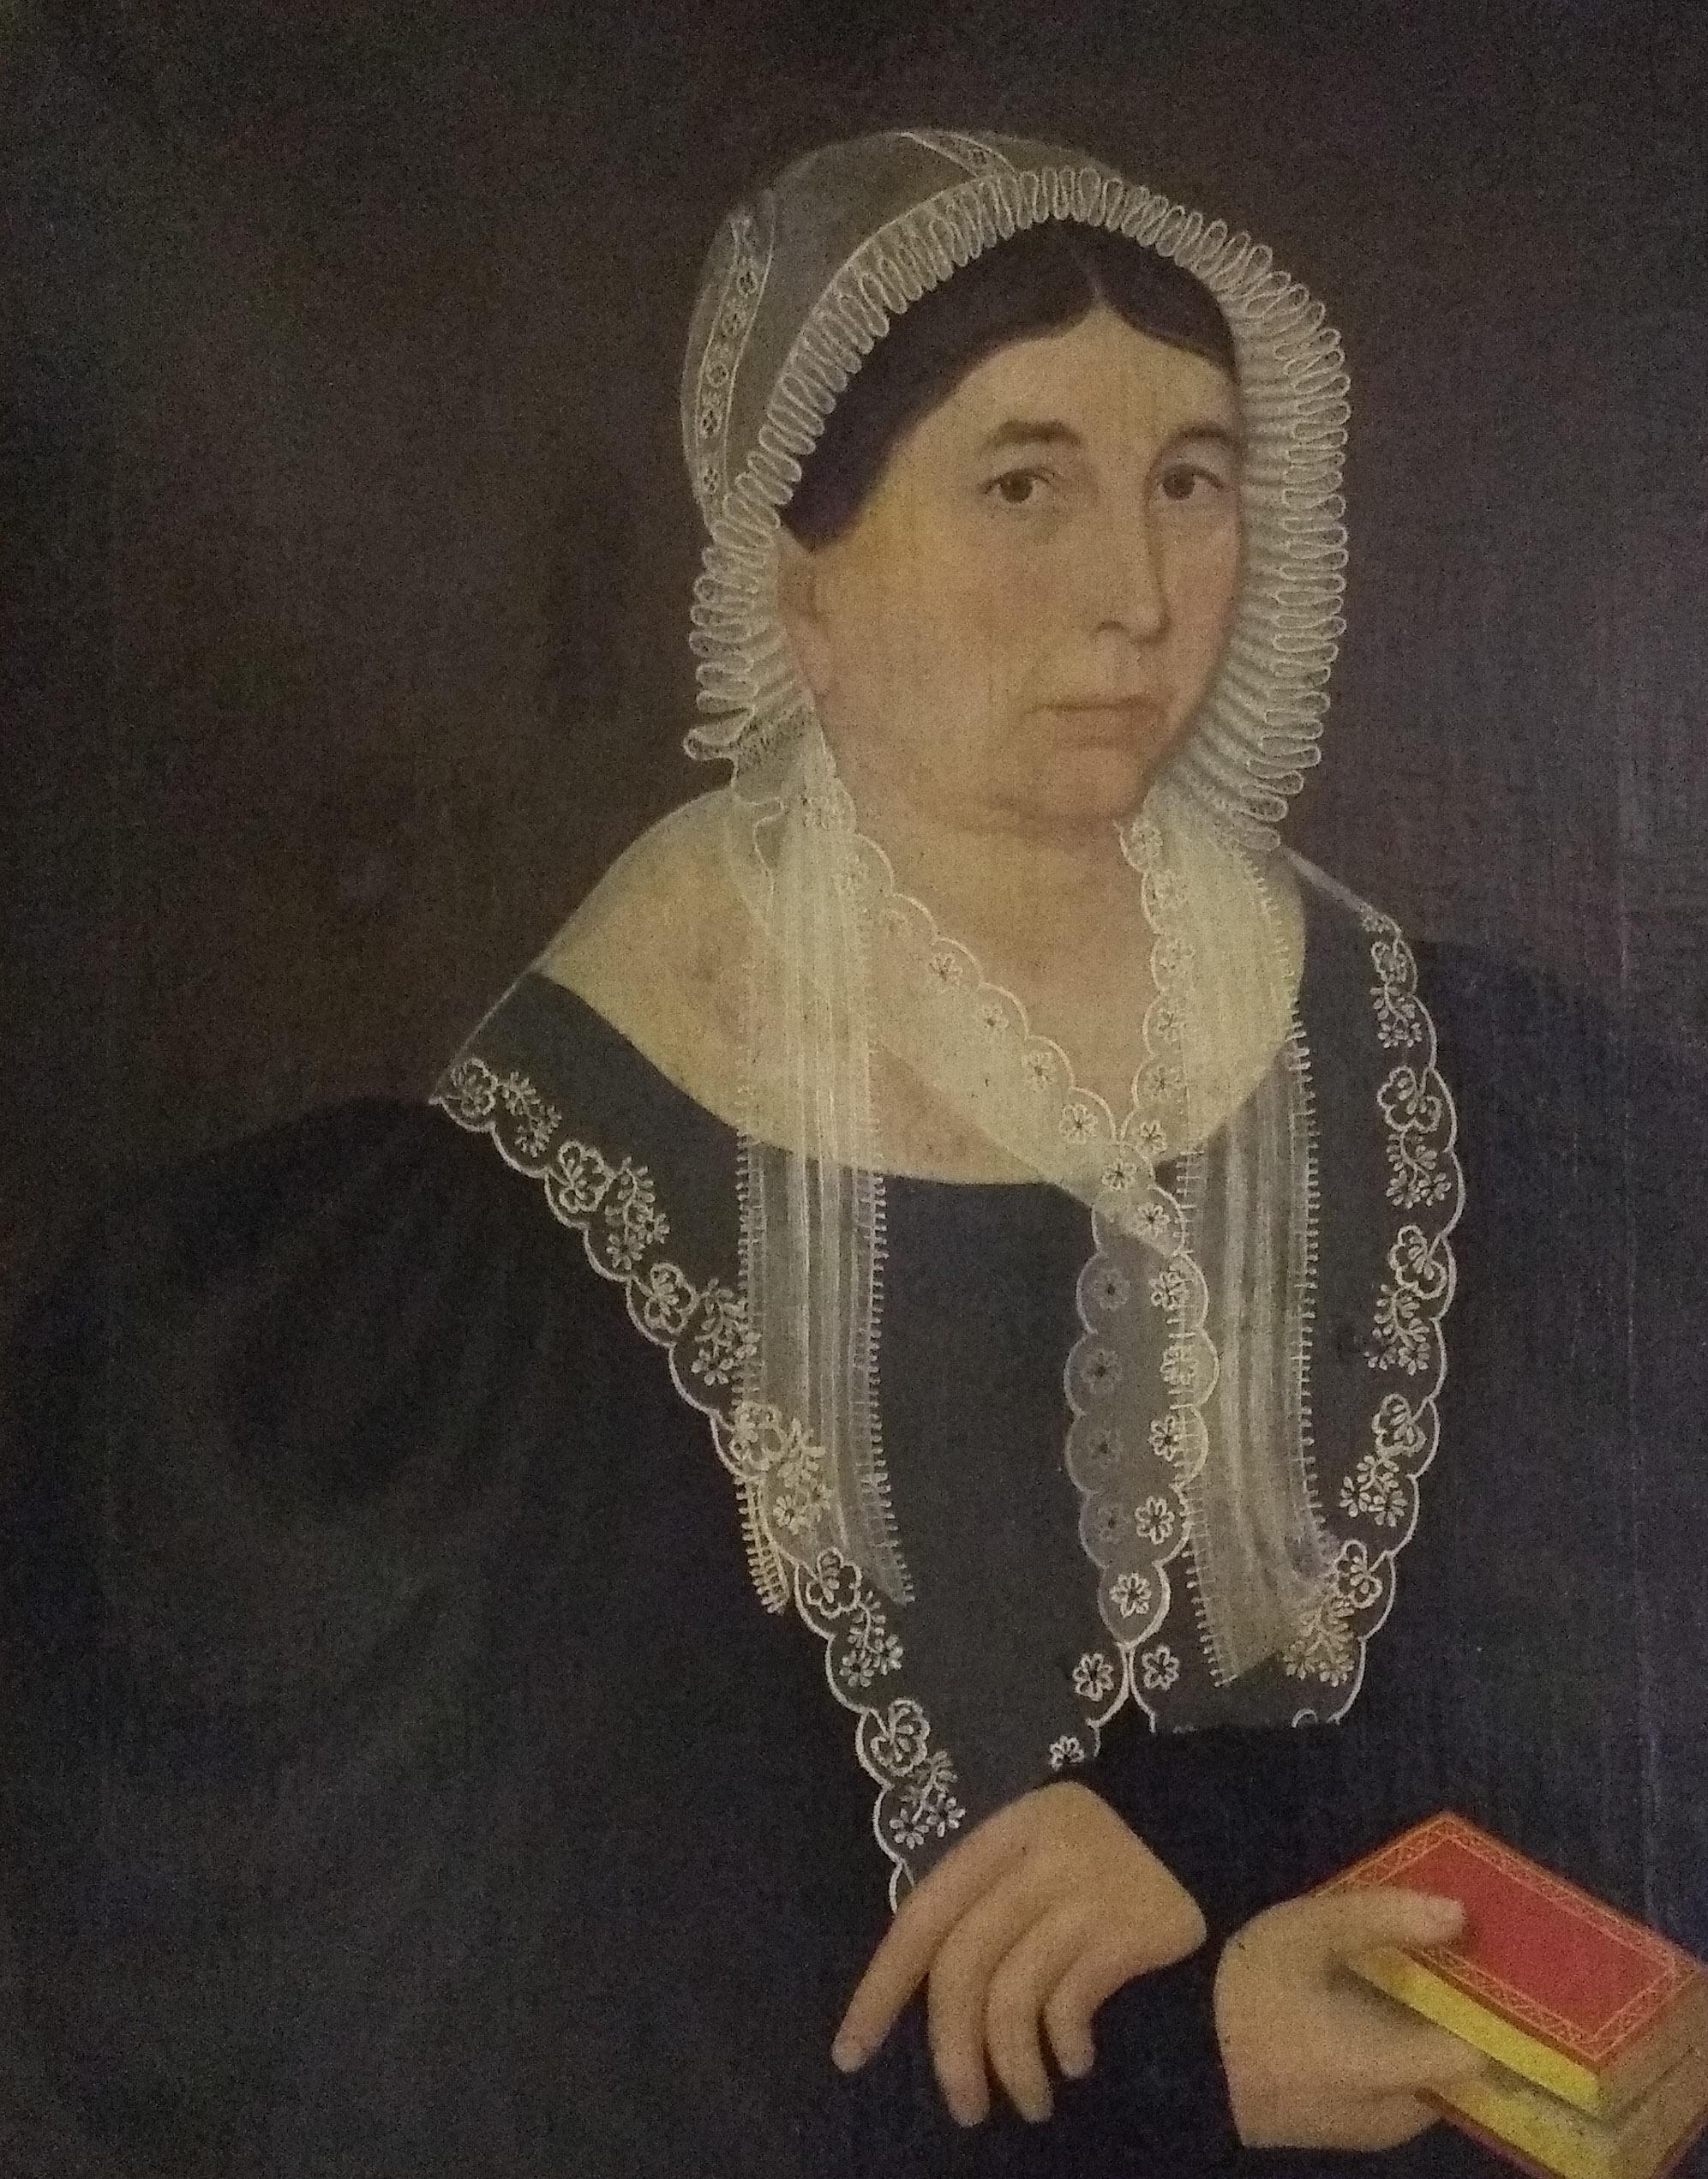 Cynthia Holcomb Shaw